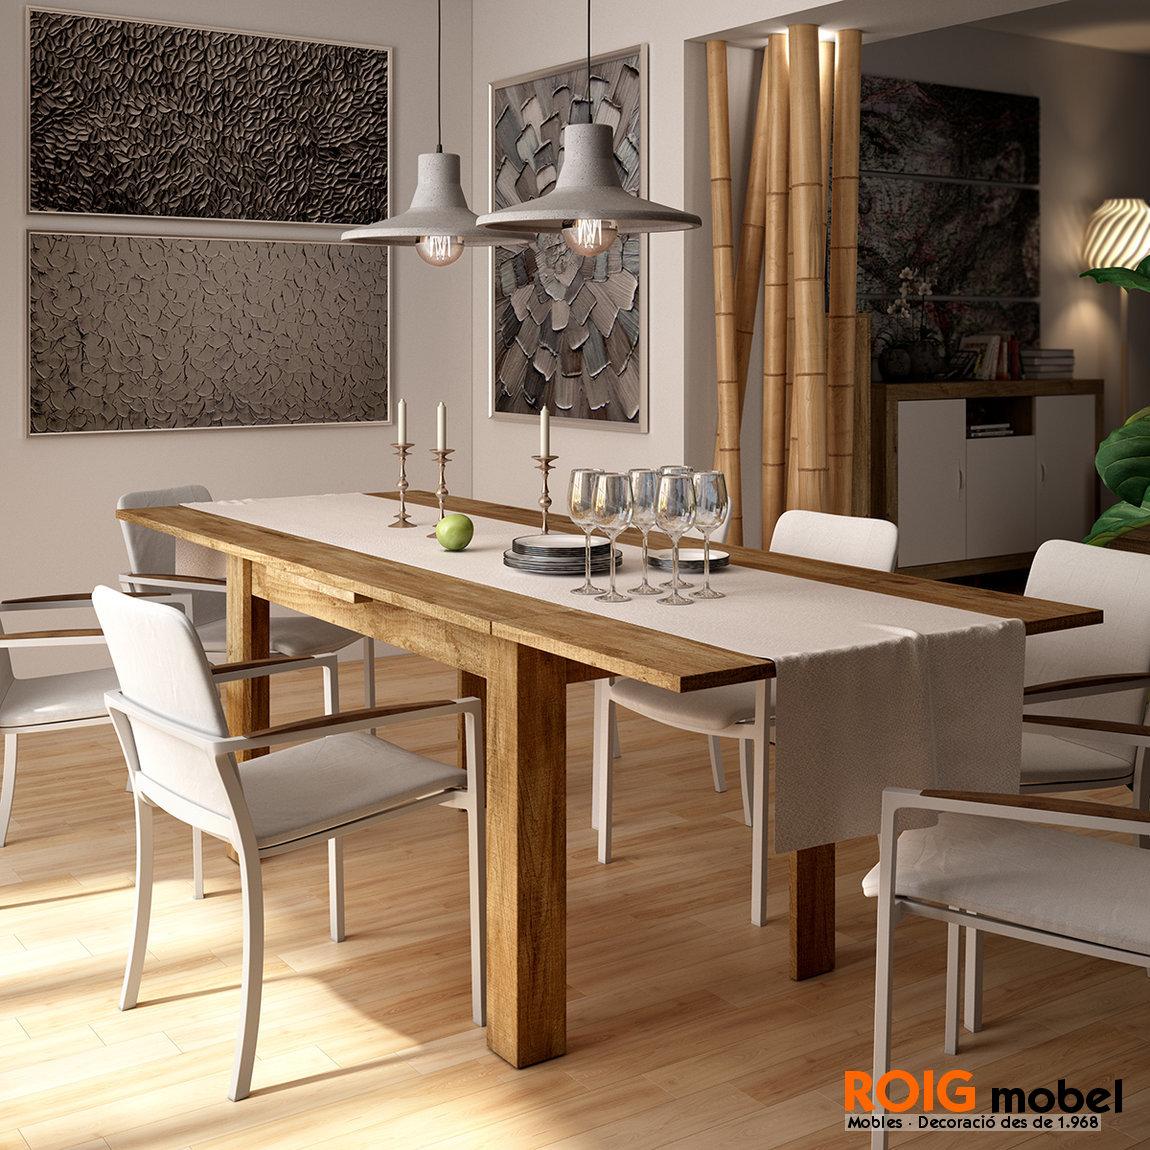 2 10 1 Muebles De Comedor Muebles De Comedor Catalogo # Muebles Roig Granollers